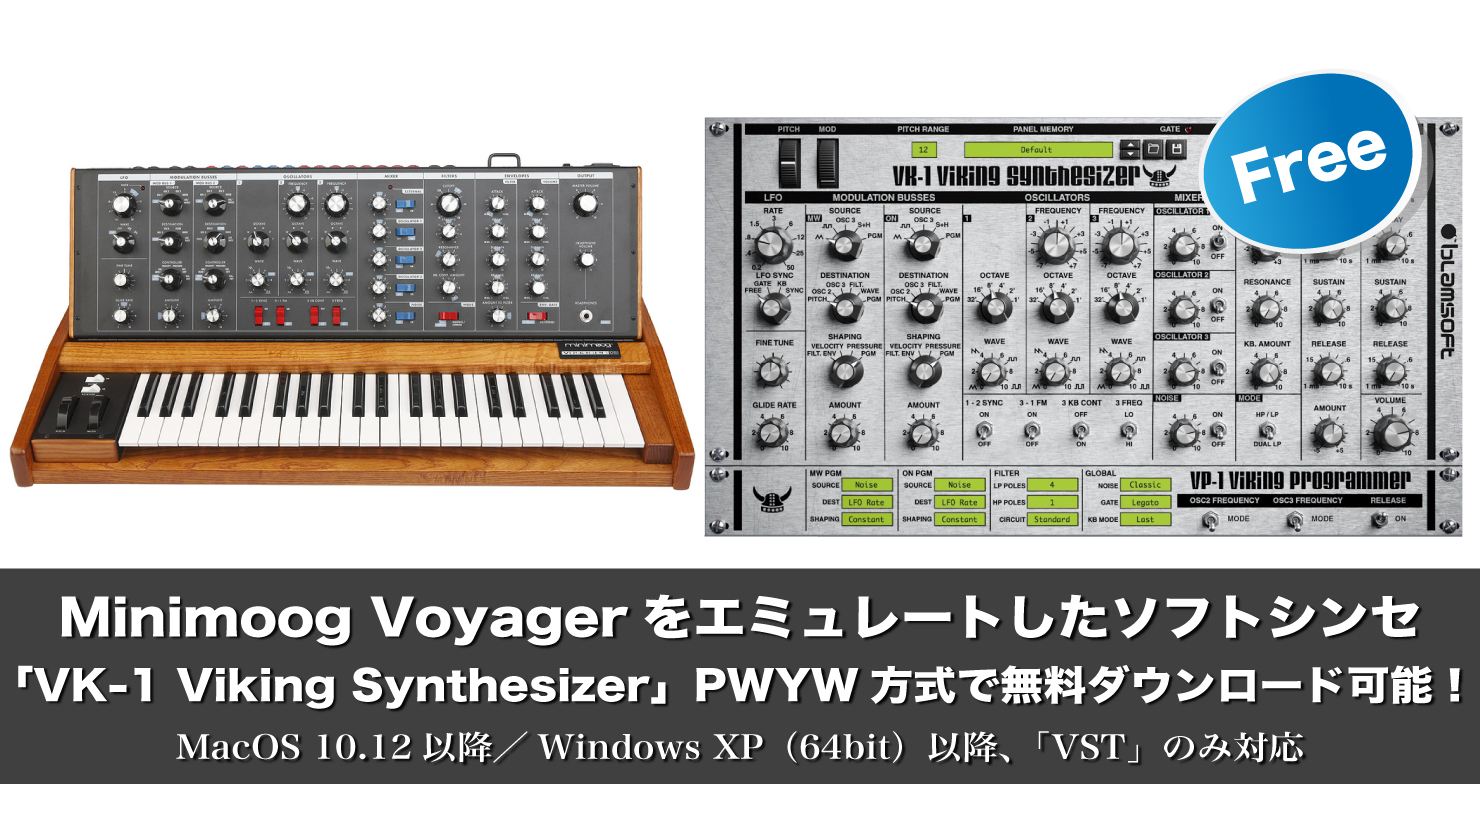 【値段を決めるのはあなた】 Minimoog Voyagerをエミュレートしたソフトシンセ「VK-1 Viking Synthesizer」PWYW方式で無料ダウンロード可能!